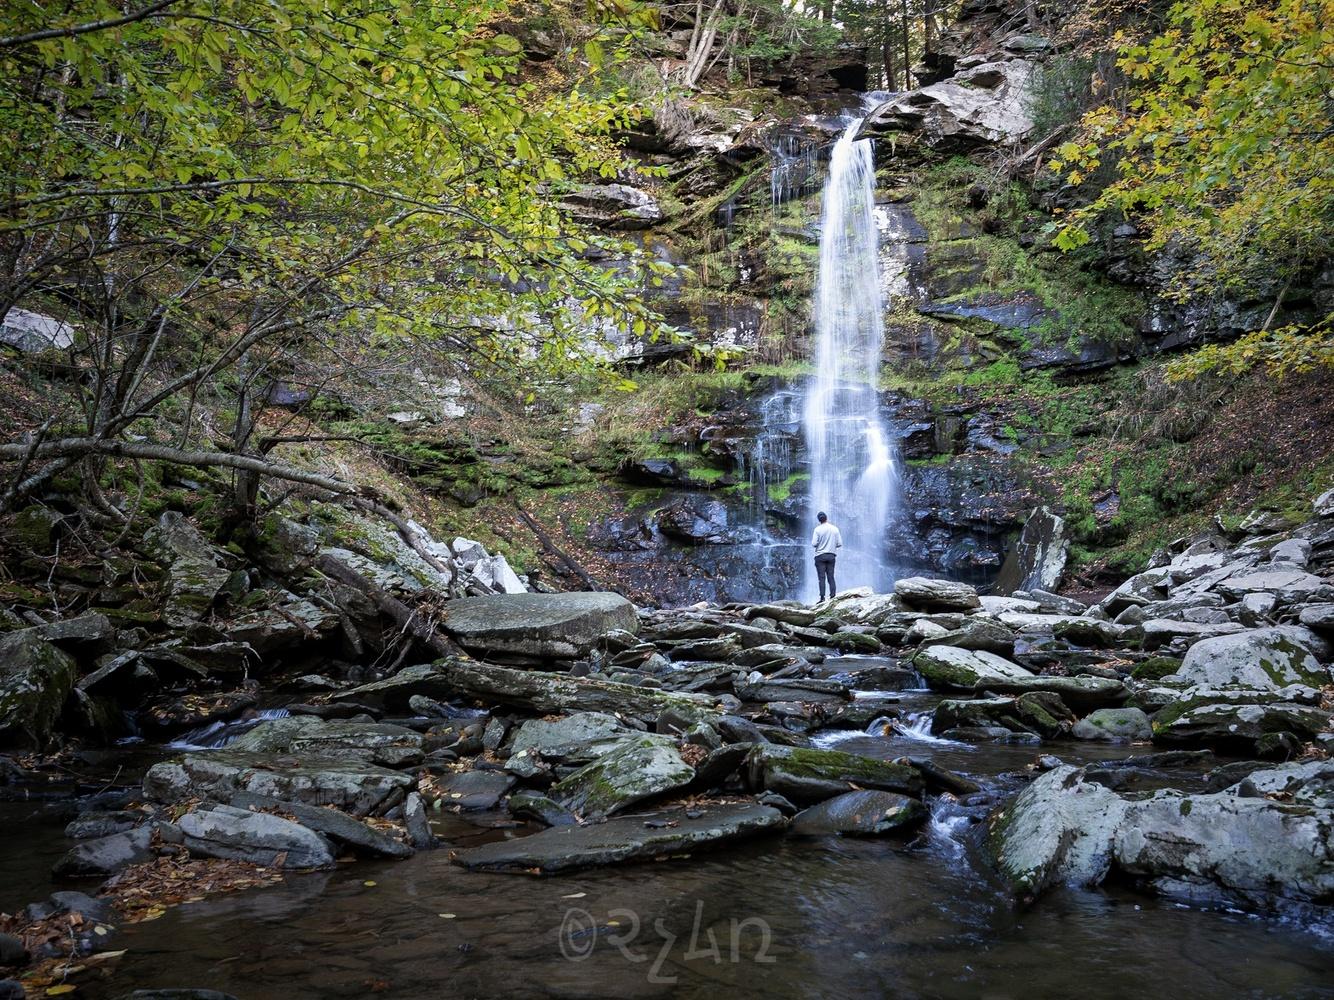 Peekskill Falls, NY by Ryan Hoch